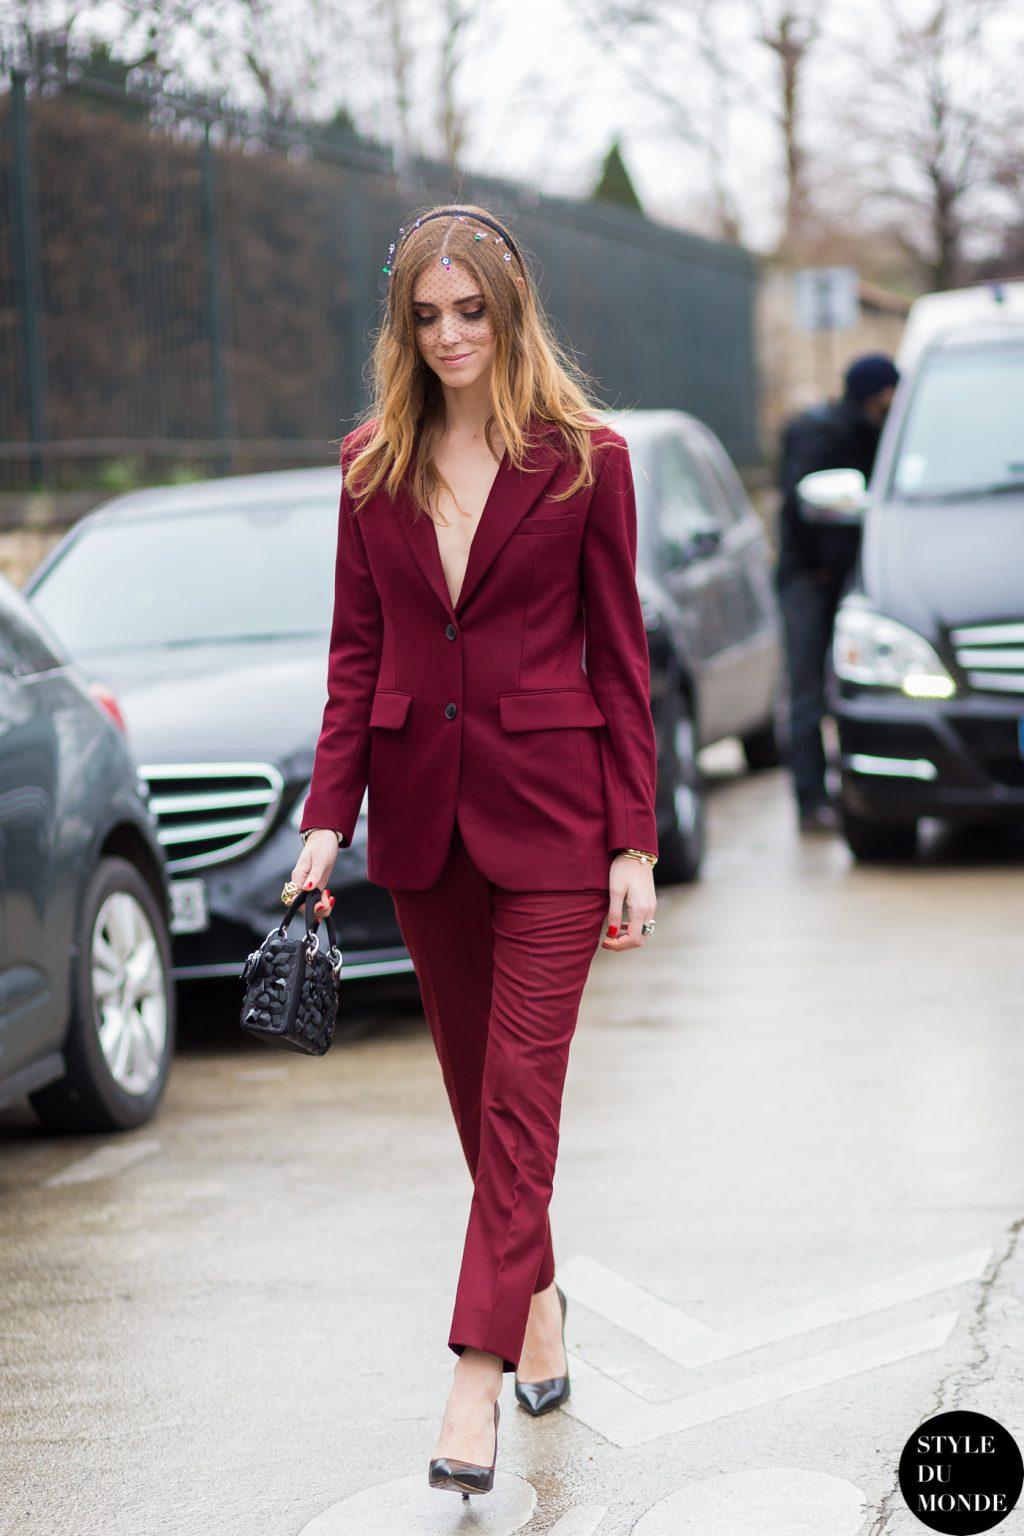 trang phục dự tiệc đỏ burgundy cho mùa lễ hội 19